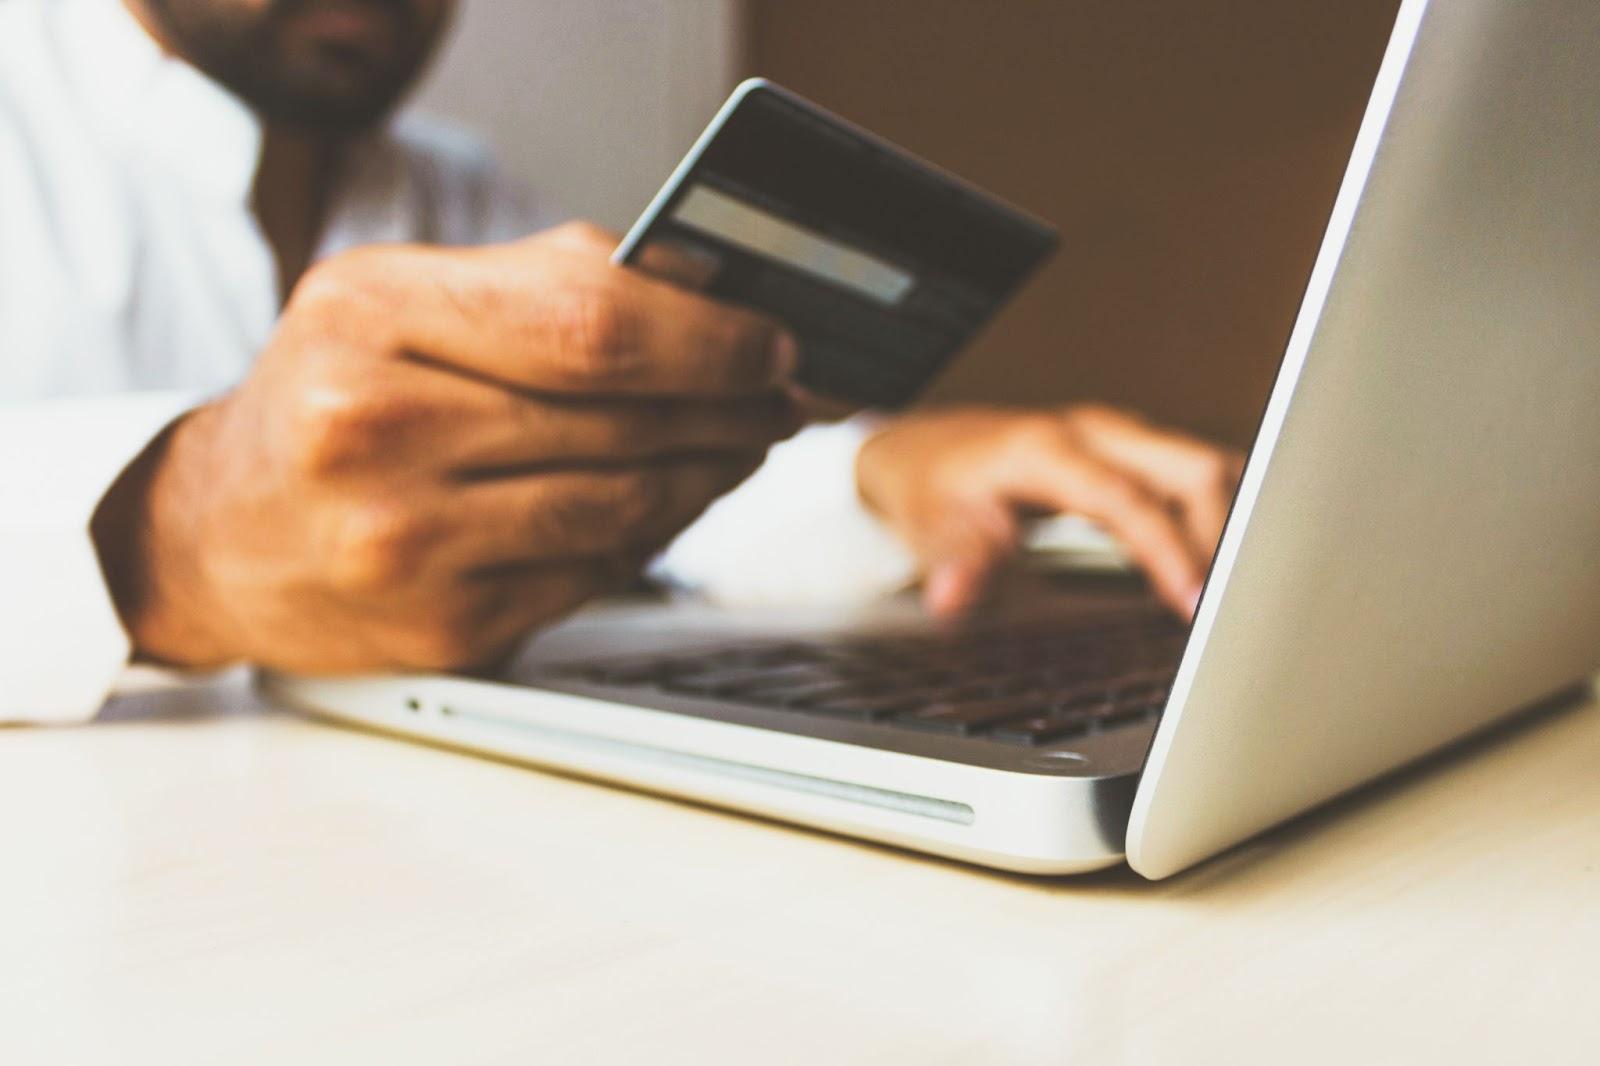 O sucesso dos sites de compras envolve muita estratégia digital. Nos últimos anos, diversas empresas viram a necessidade de adaptação, frente às mudanças do mercado.